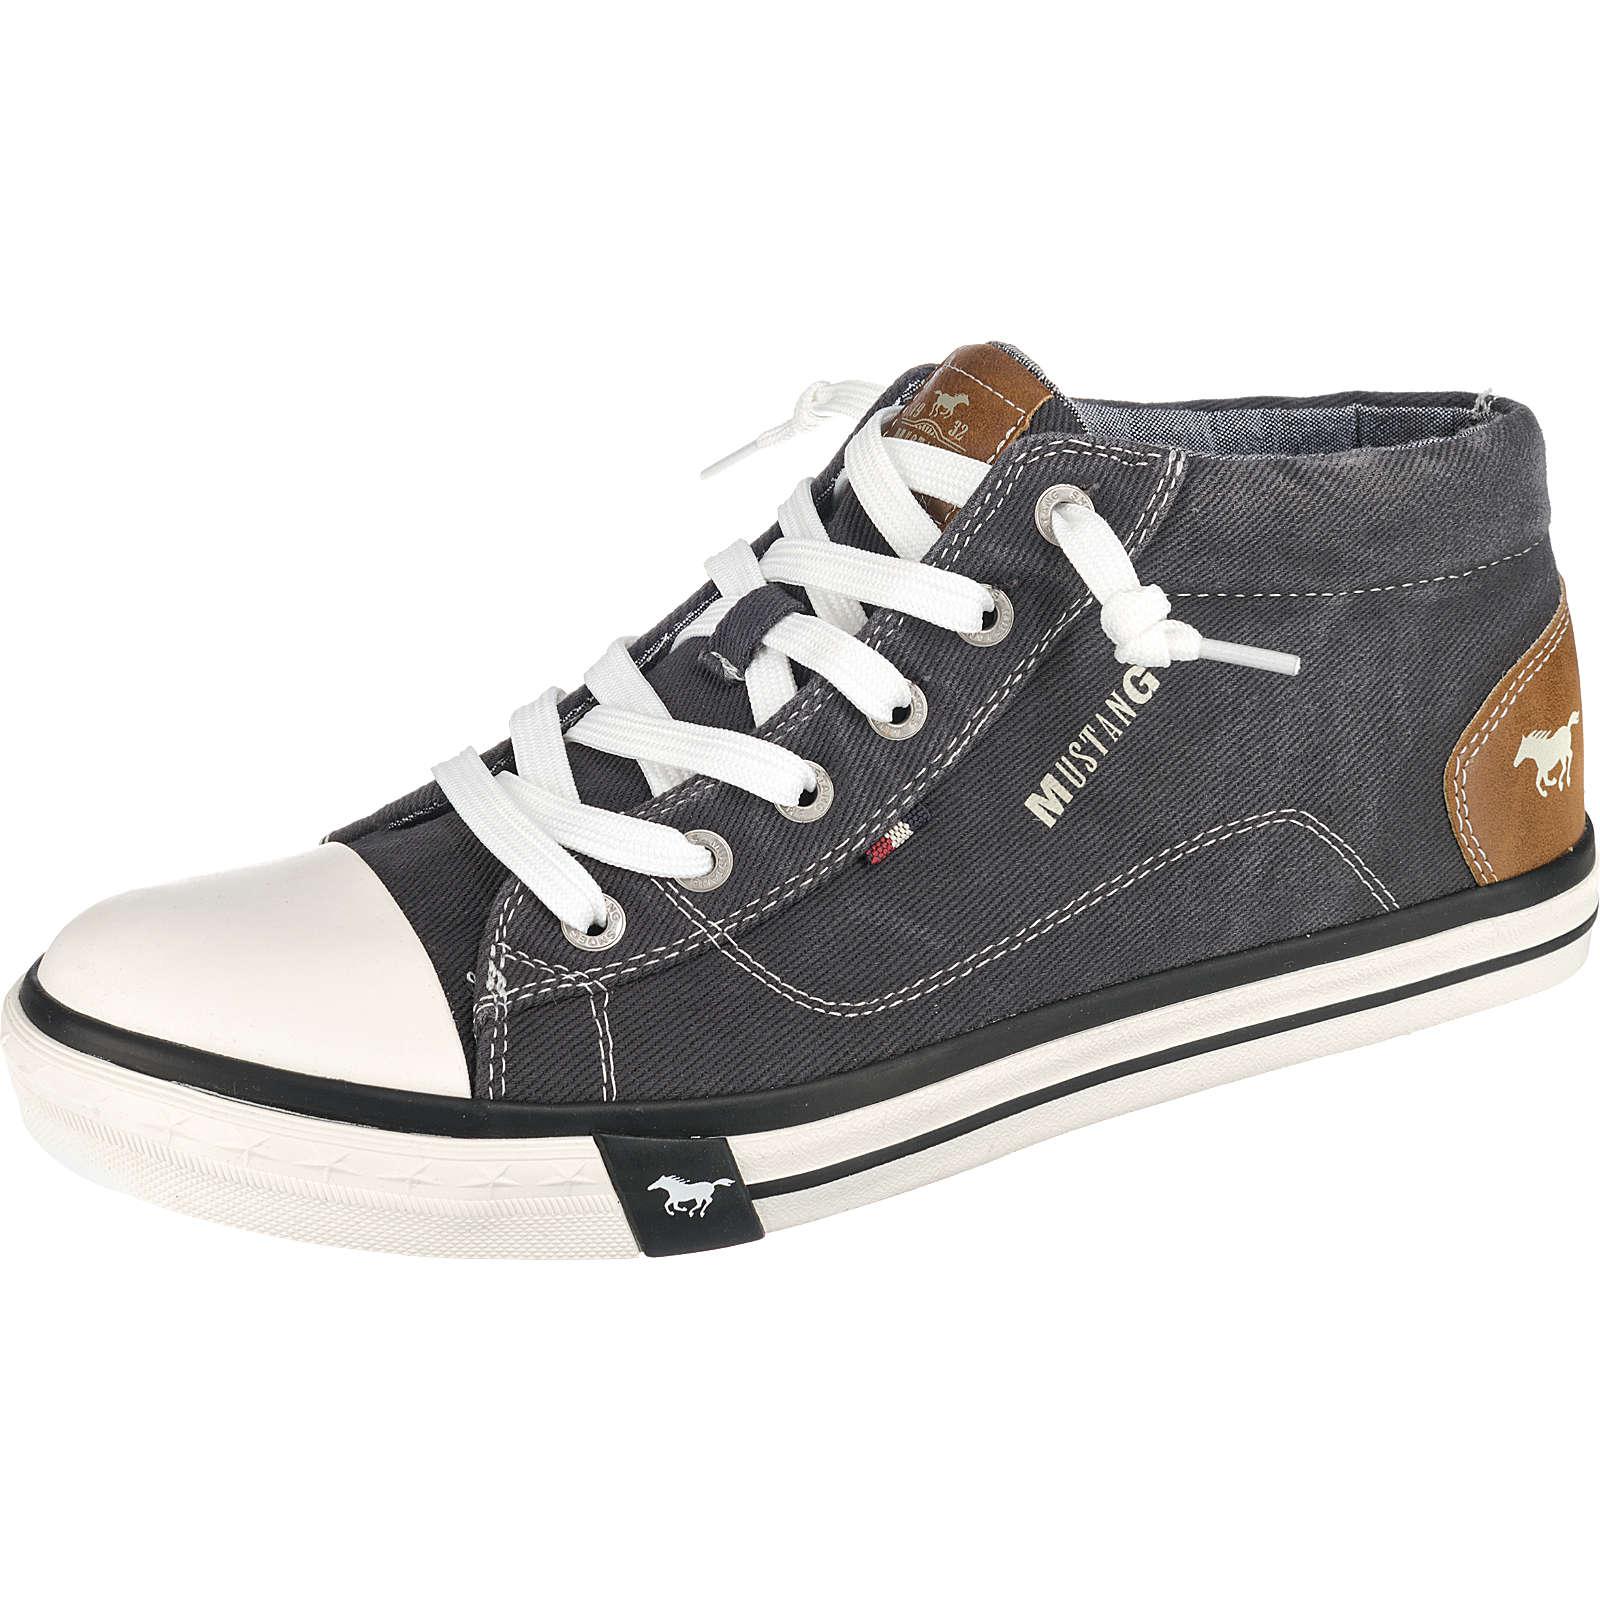 MUSTANG Sneakers High schwarz Herren Gr. 45